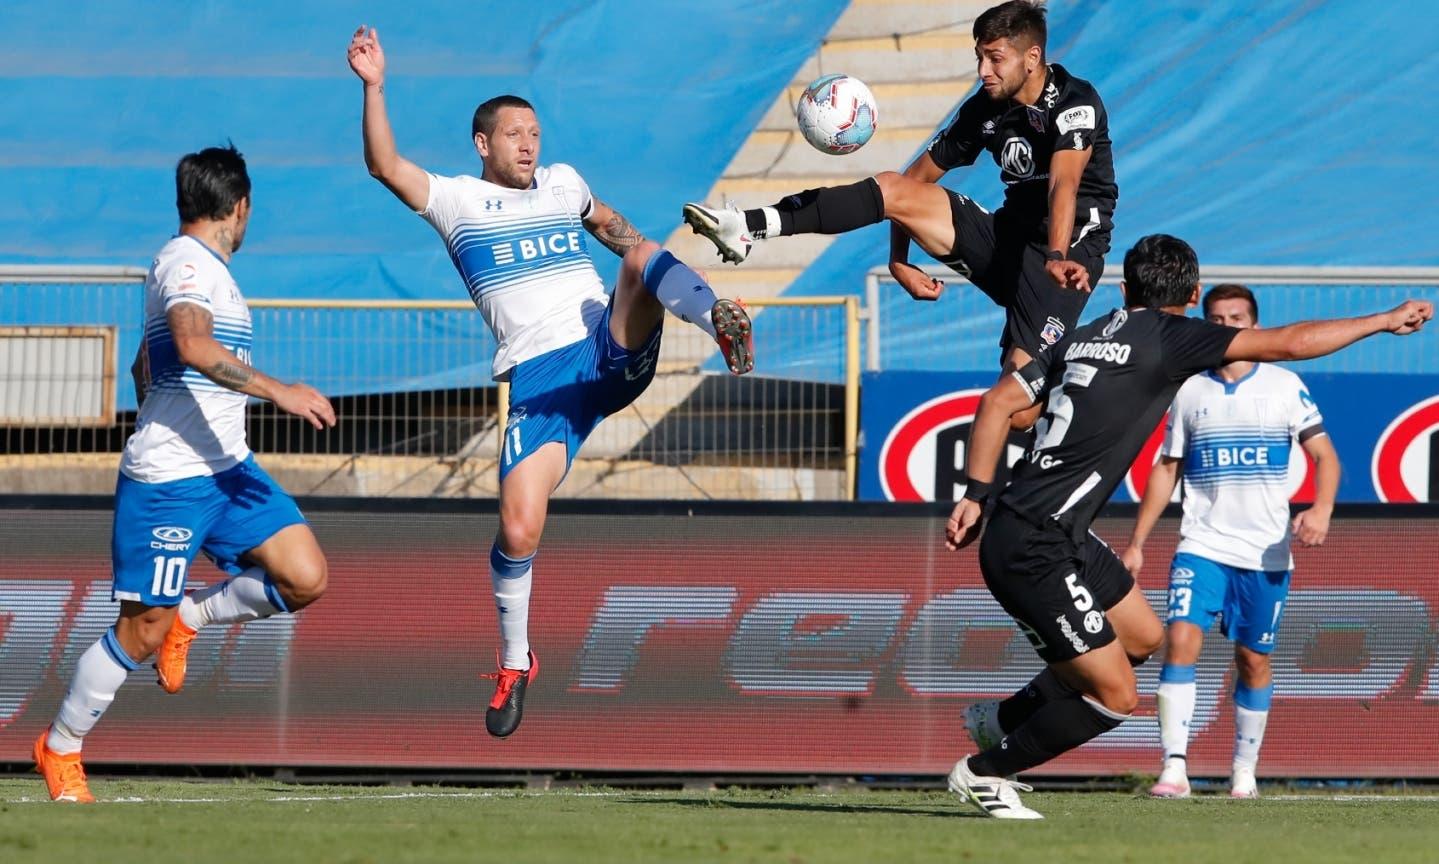 Todo sigue igual: empate sin goles en San Carlos deja líder a la UC y a Colo  Colo como colista   T13